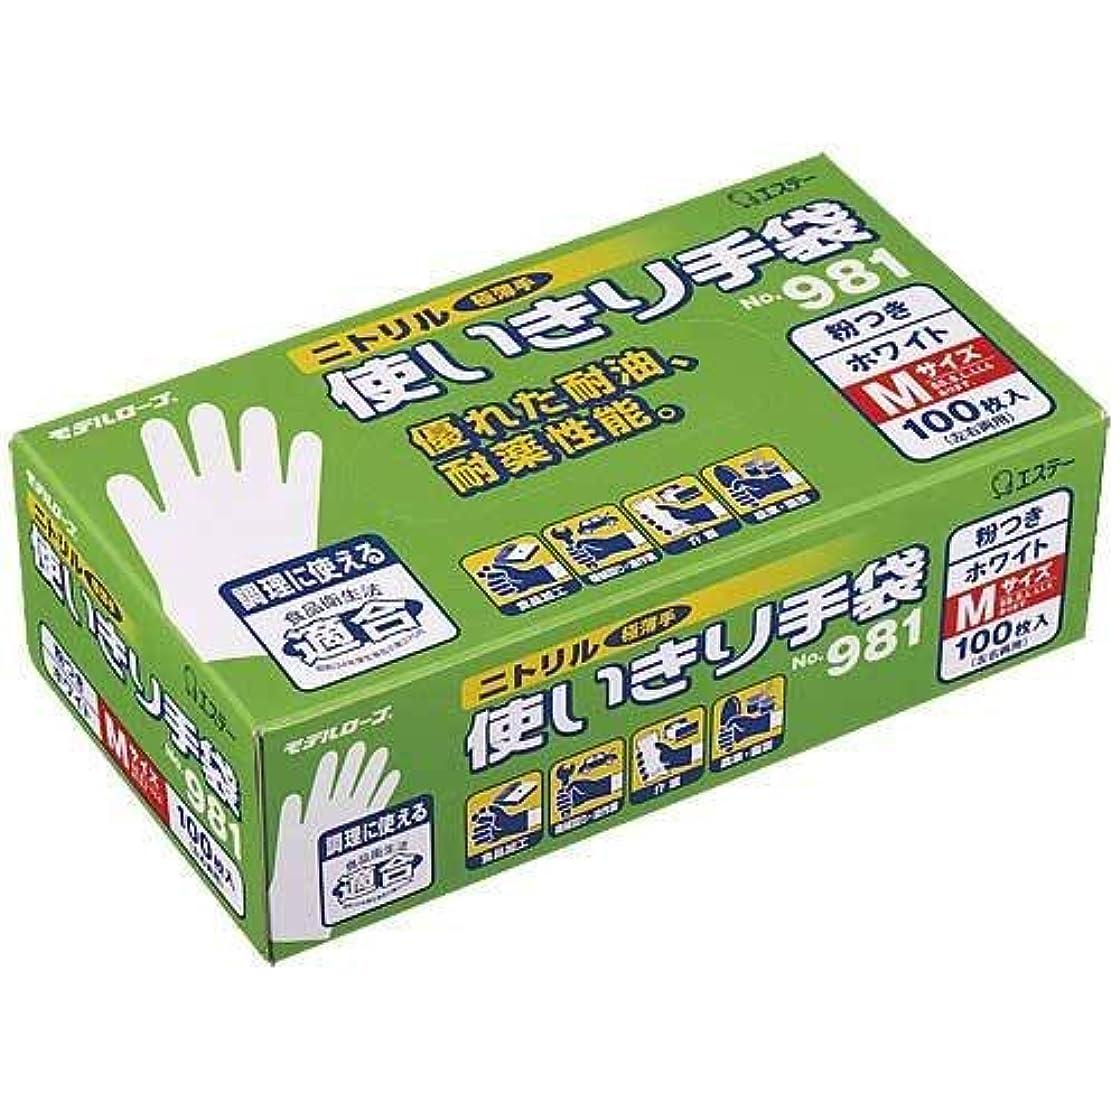 決定的クリップ汚染するエステー ニトリル手袋 粉付(100枚入)M ホワイト No.981